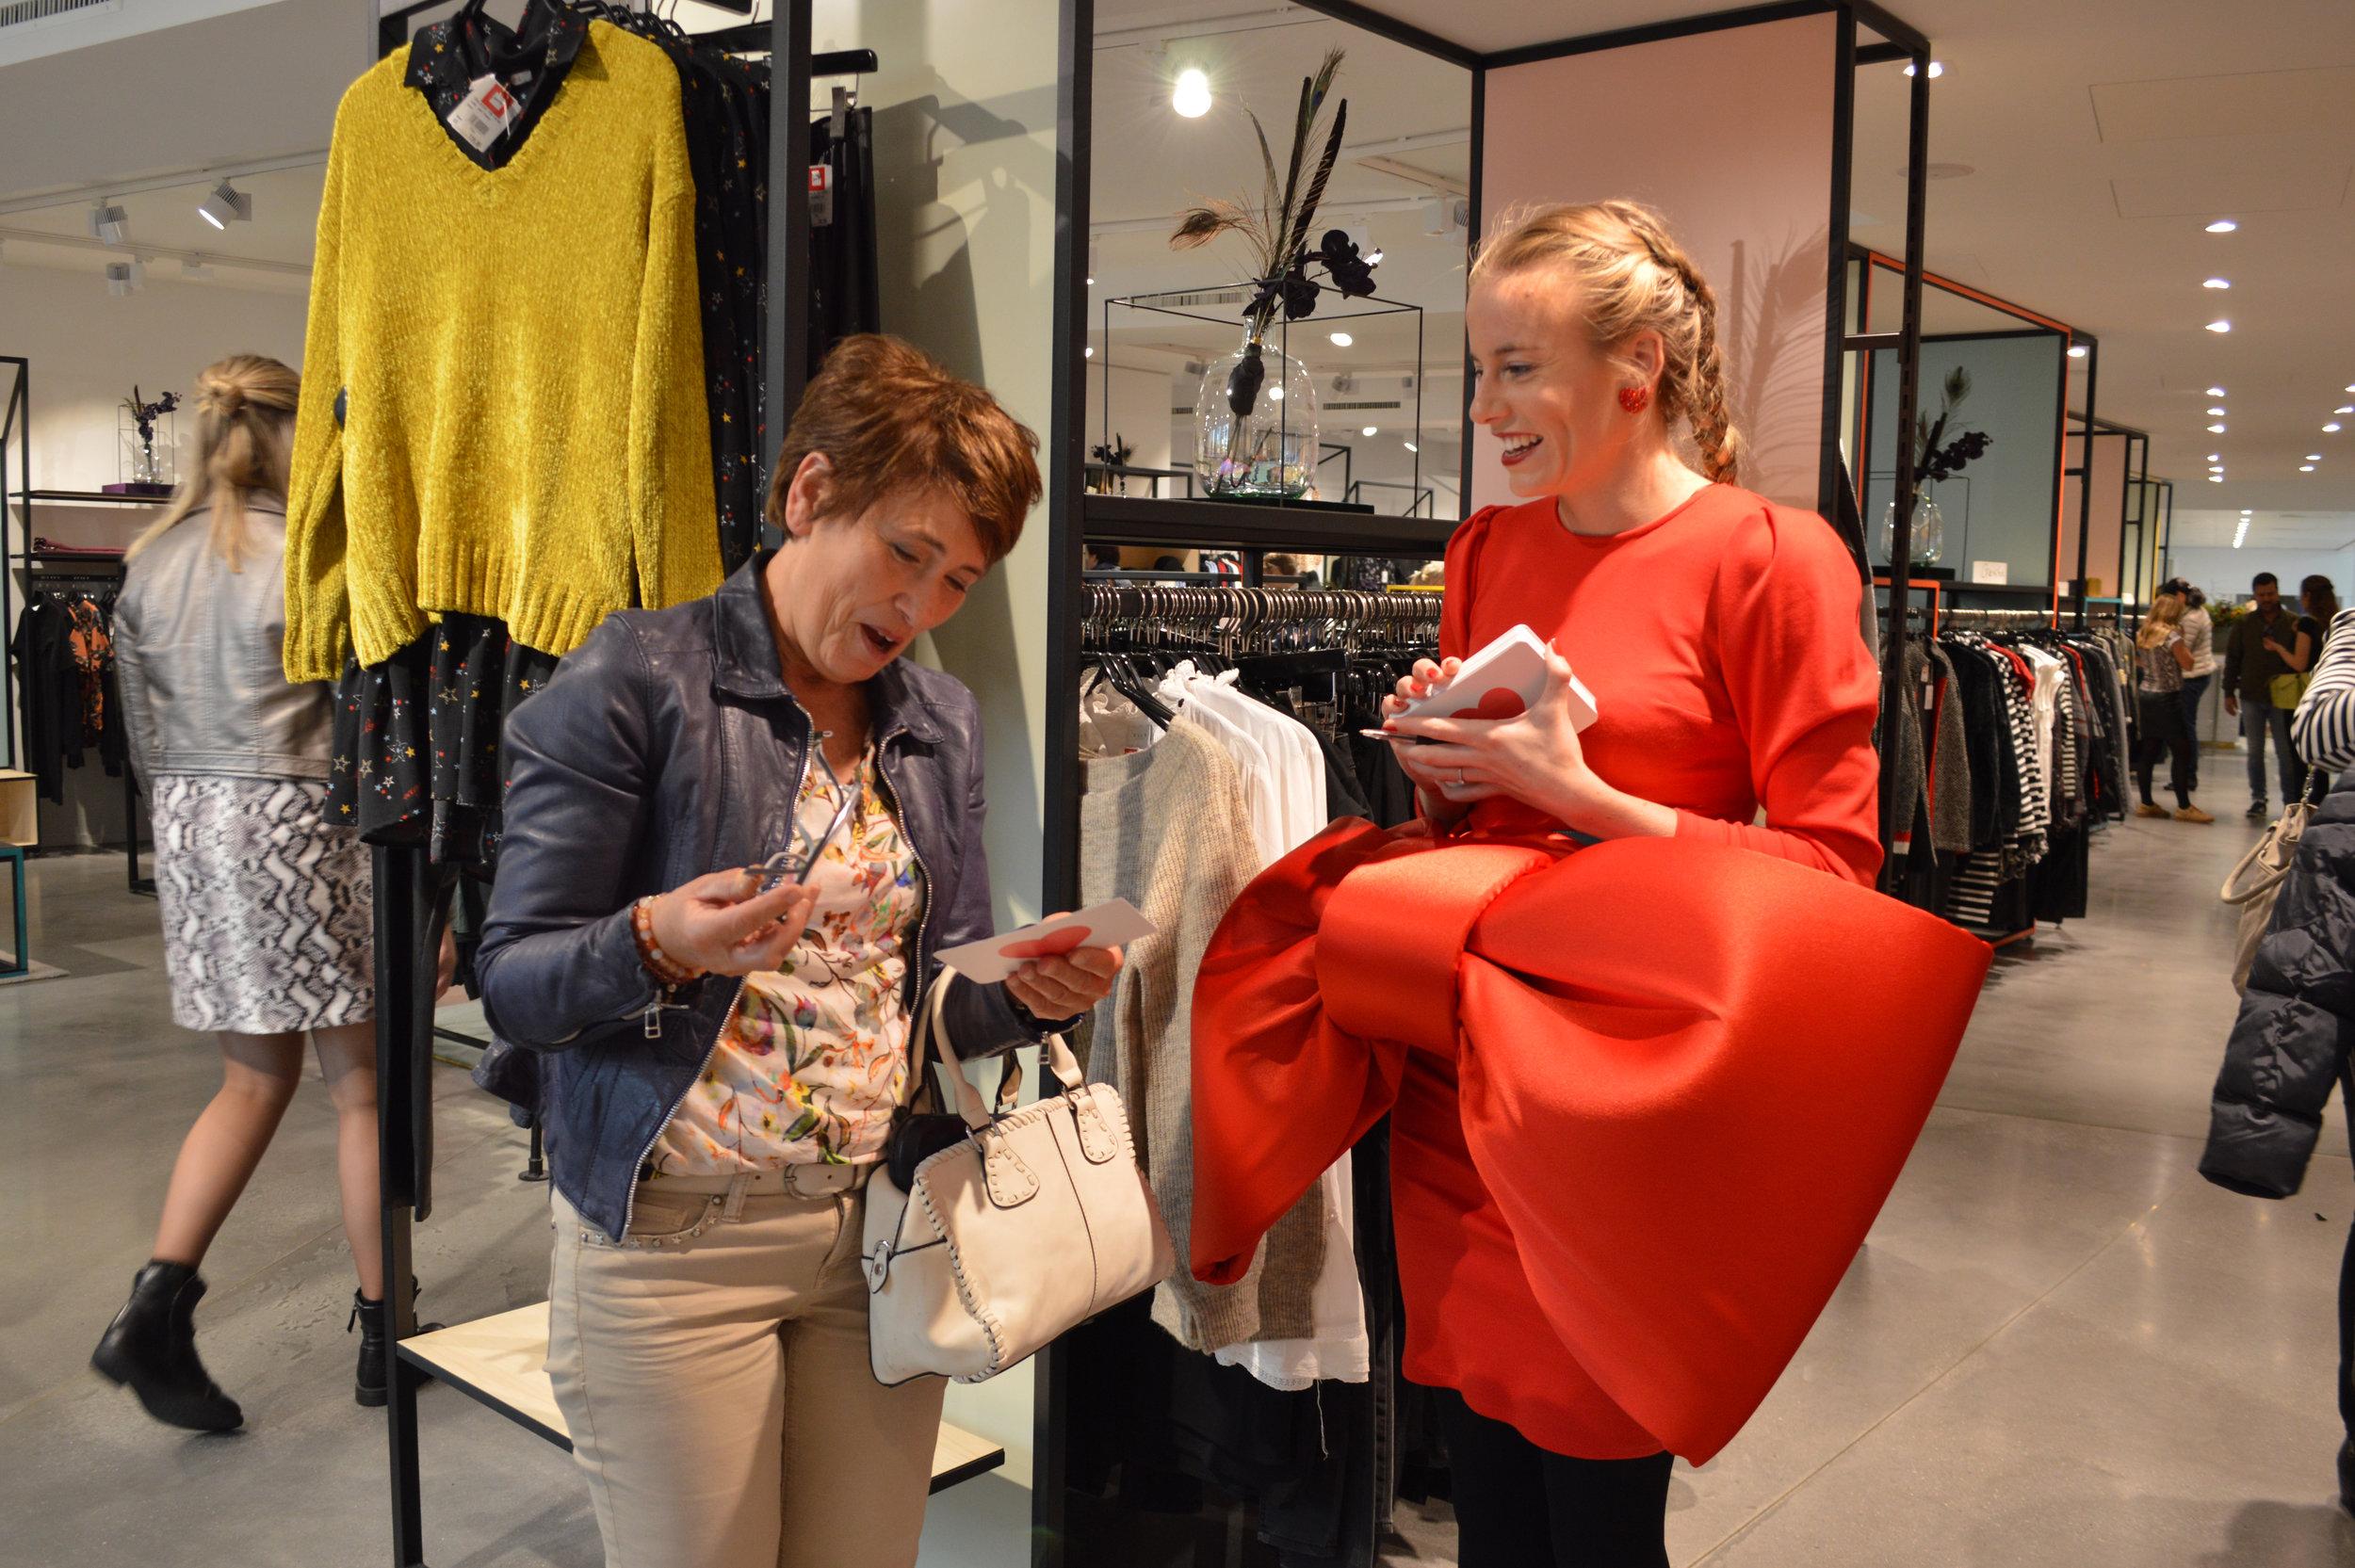 Dianne + lachende vrouw.JPG